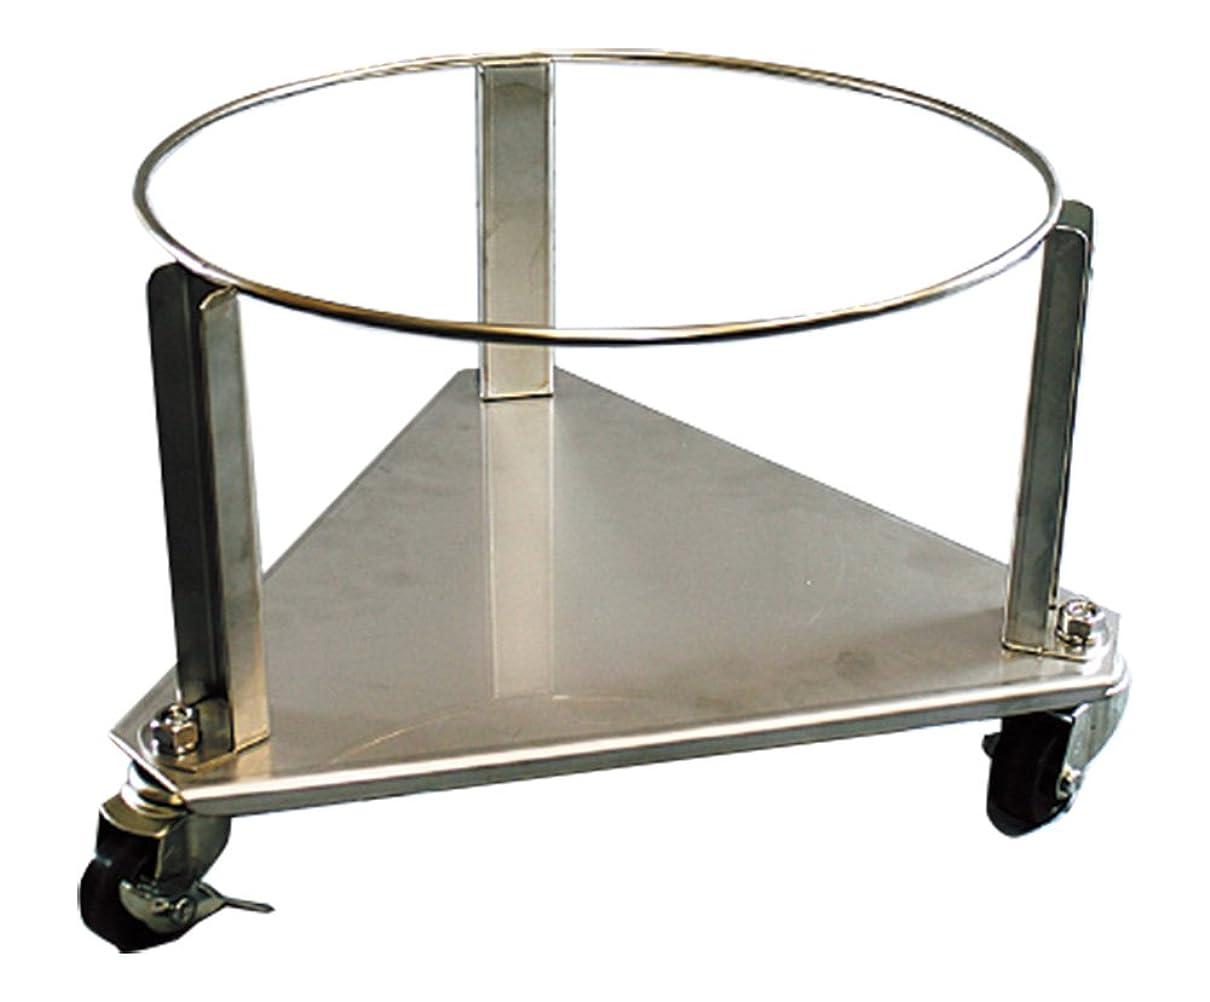 稚魚から聞く側ガード付ステンレス三角台車 ペール用 GSIC-45